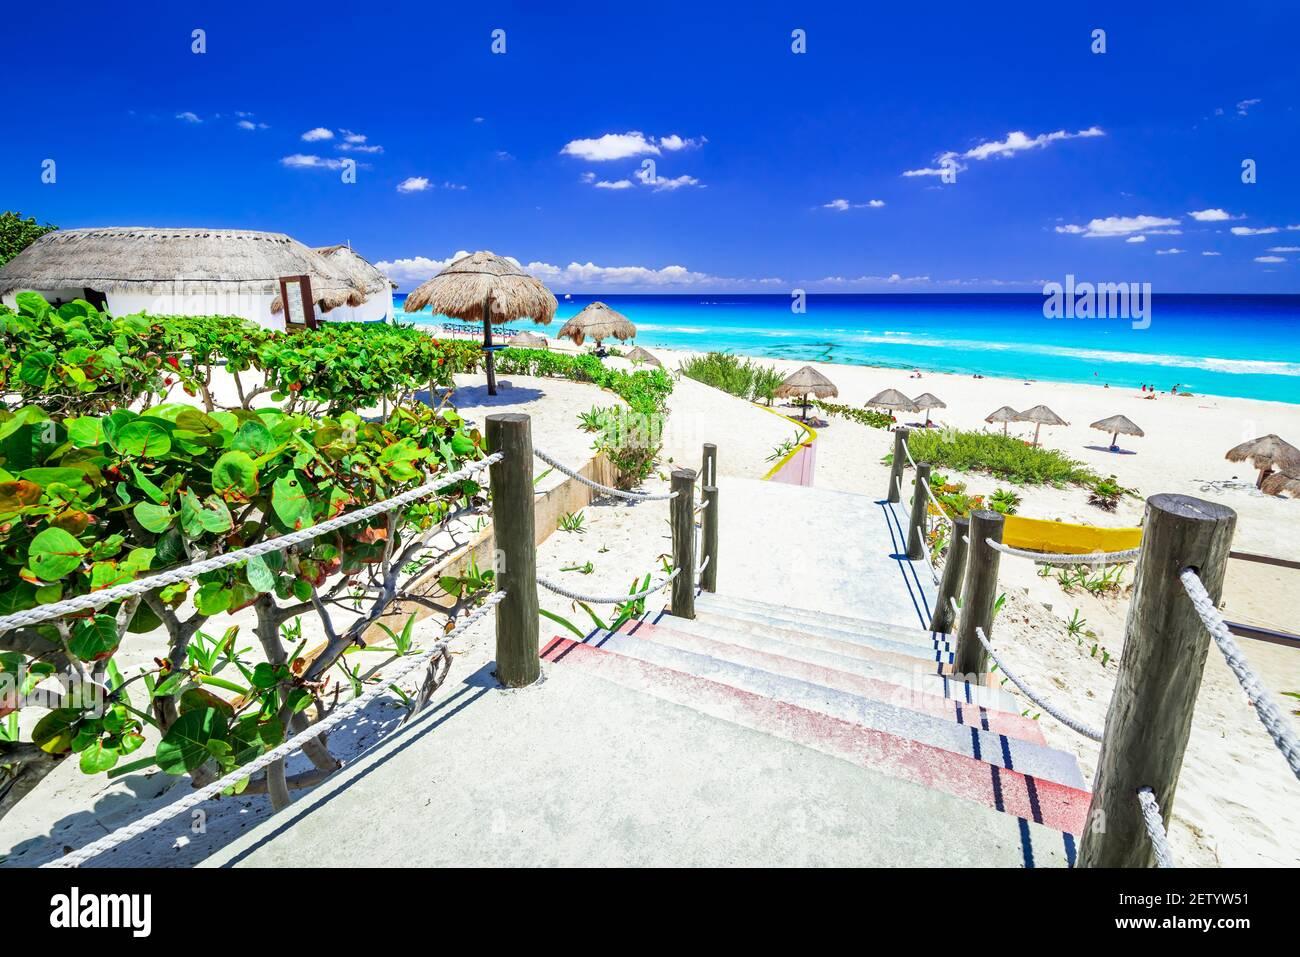 Cancun, Mexique. Paysage tropical avec plage de la mer des Caraïbes, destination de voyage en Amérique centrale. Banque D'Images